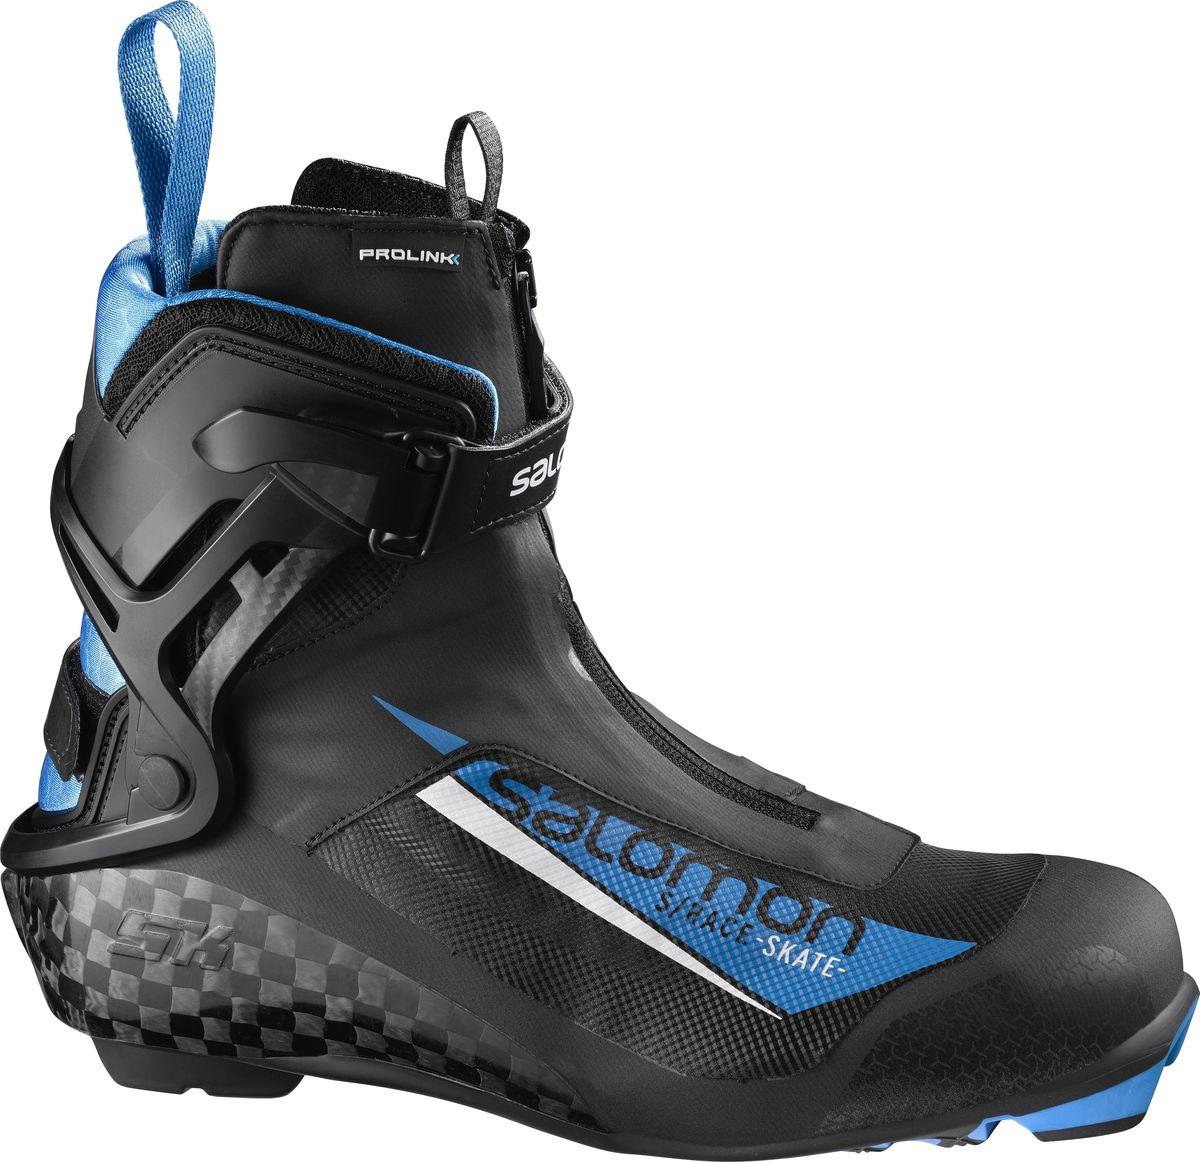 Ботинки лыжные мужские Salomon S/Race Skate Prolink, цвет: черный. Размер 11 (44,5)